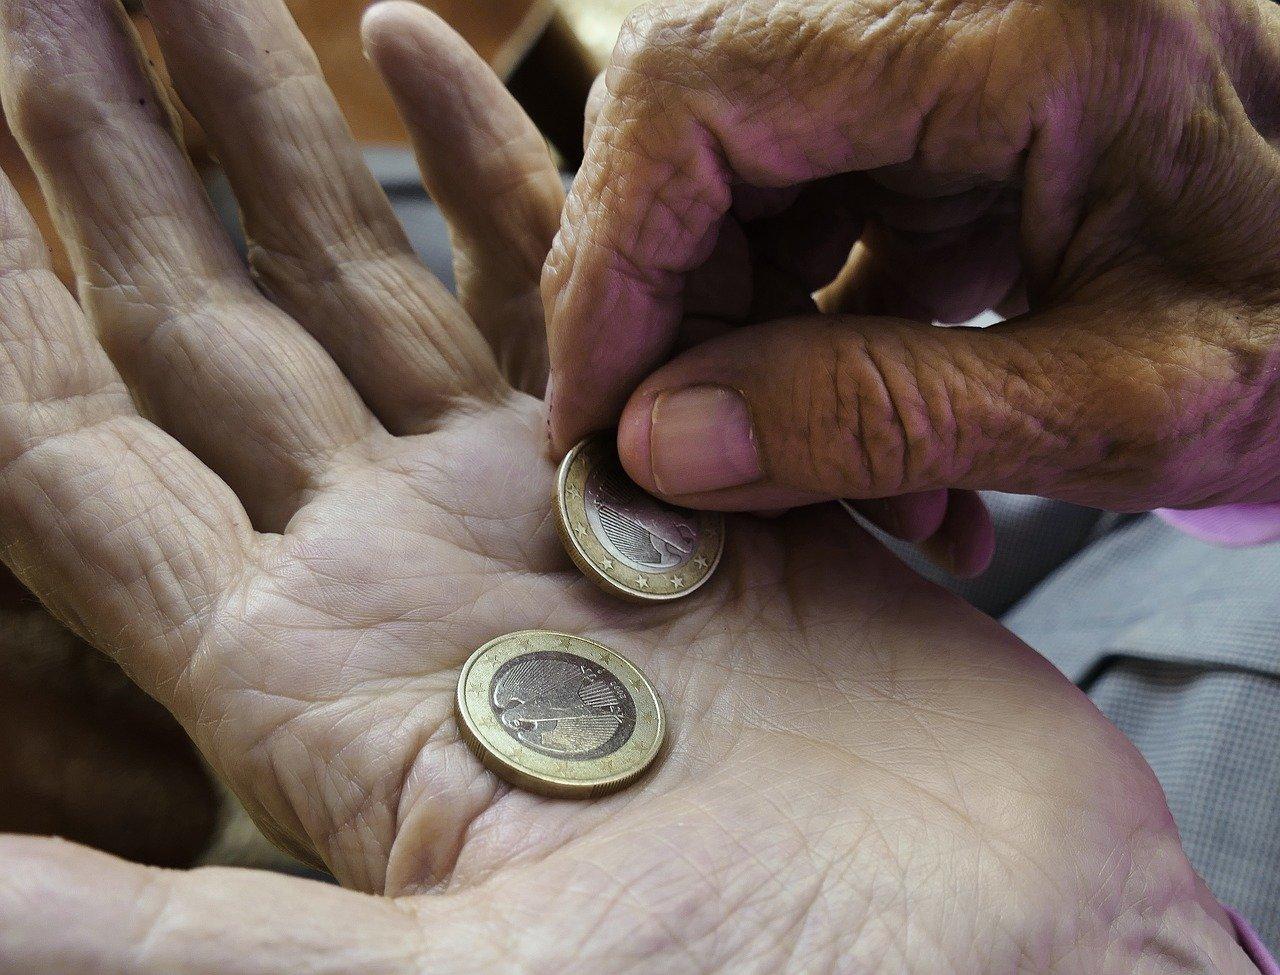 pensioni ultime notizie blocco rivalutazione assegni taglio